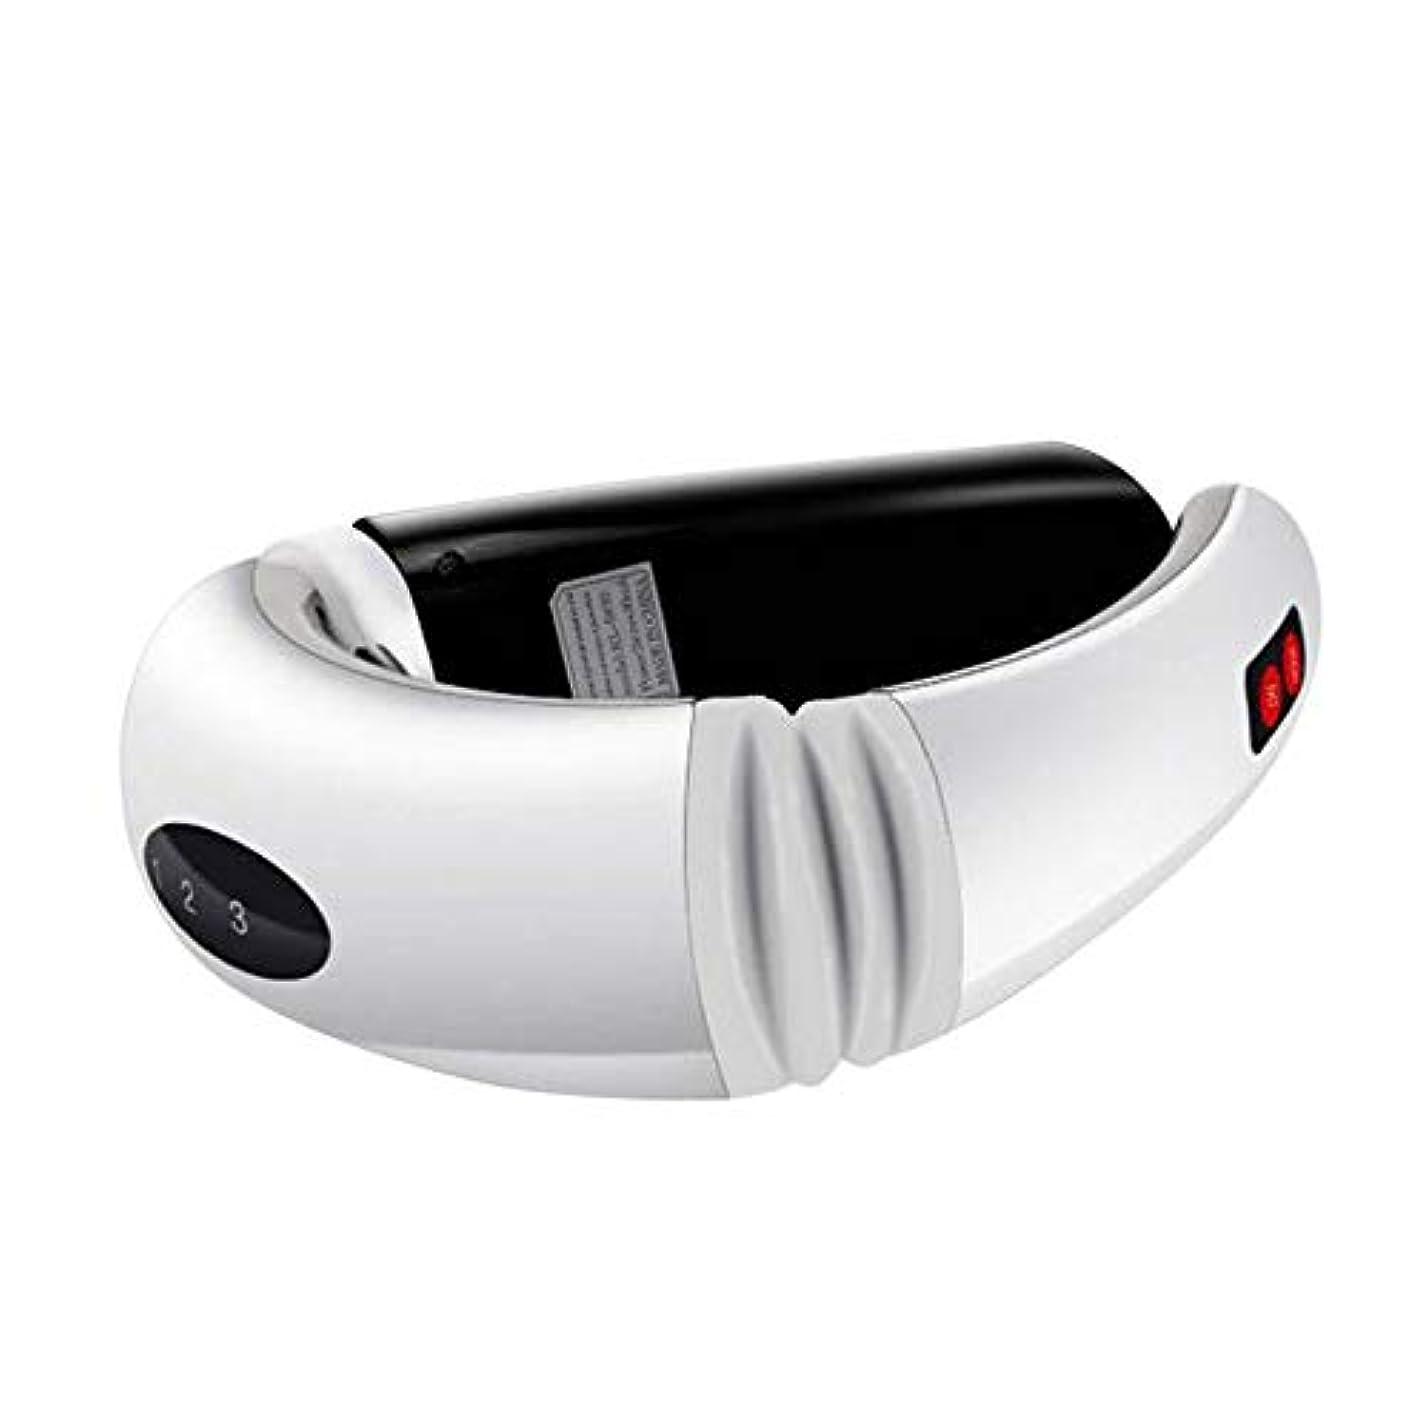 適性マイクロプロセッサ販売計画首のマッサージャー電気USB再充電可能な子宮頸マッサージャーは、痛みの痛みの筋肉を取り除く車のオフィスとホームホワイト